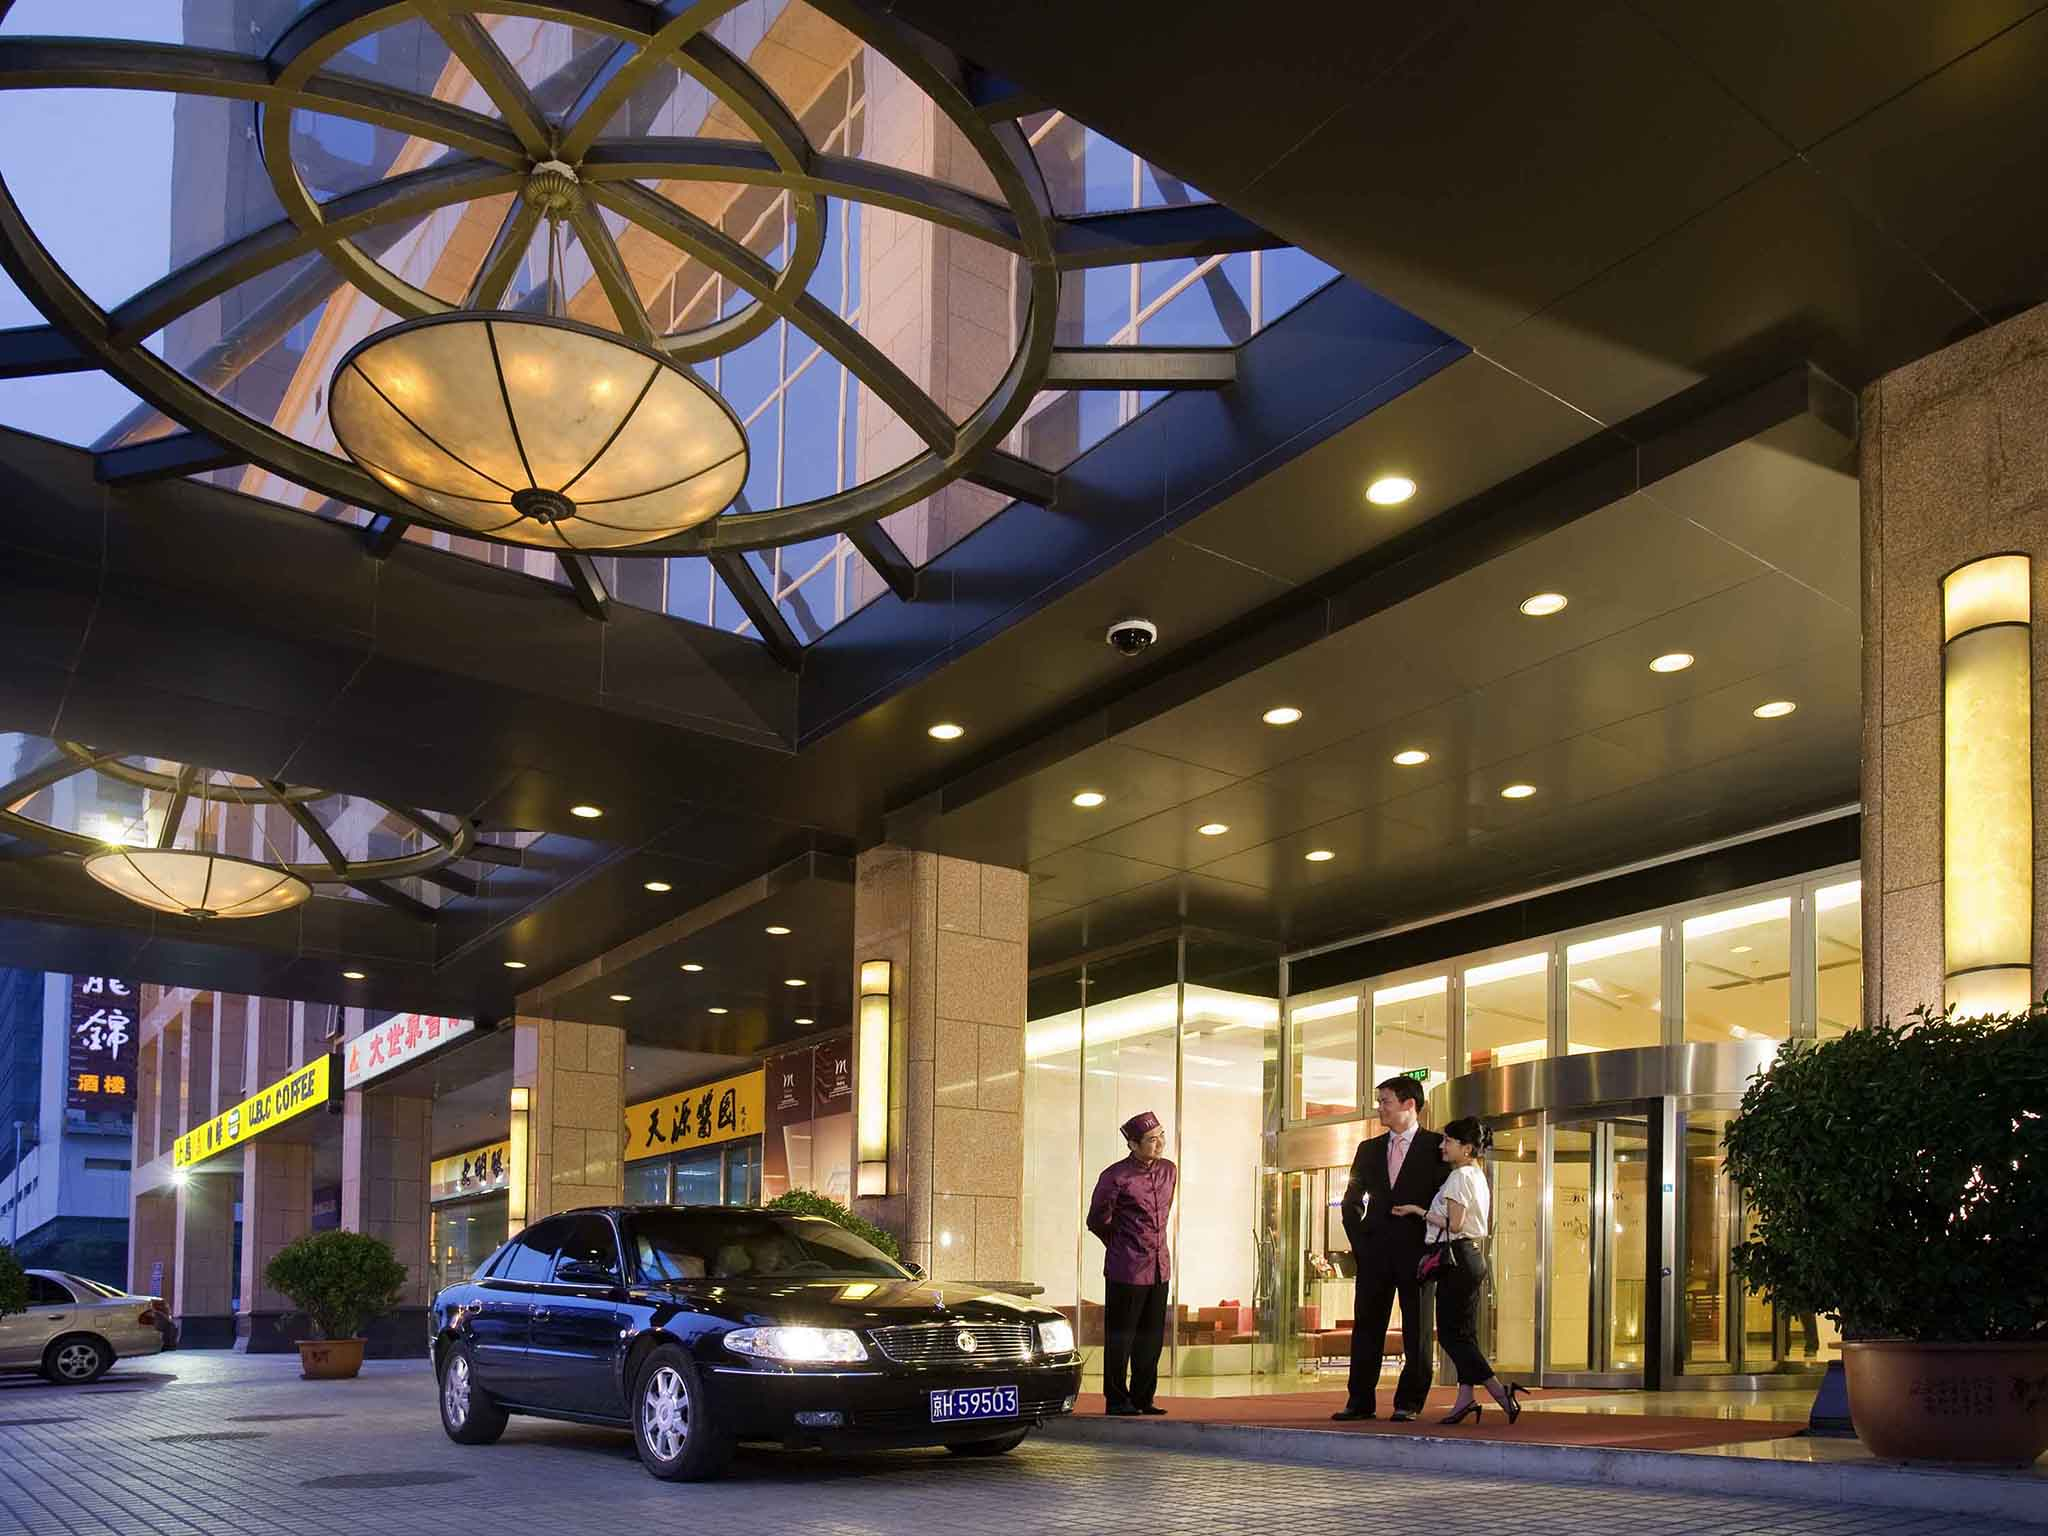 โรงแรม – แกรนด์ เมอร์เคียว ปักกิ่ง เซ็นทรัล